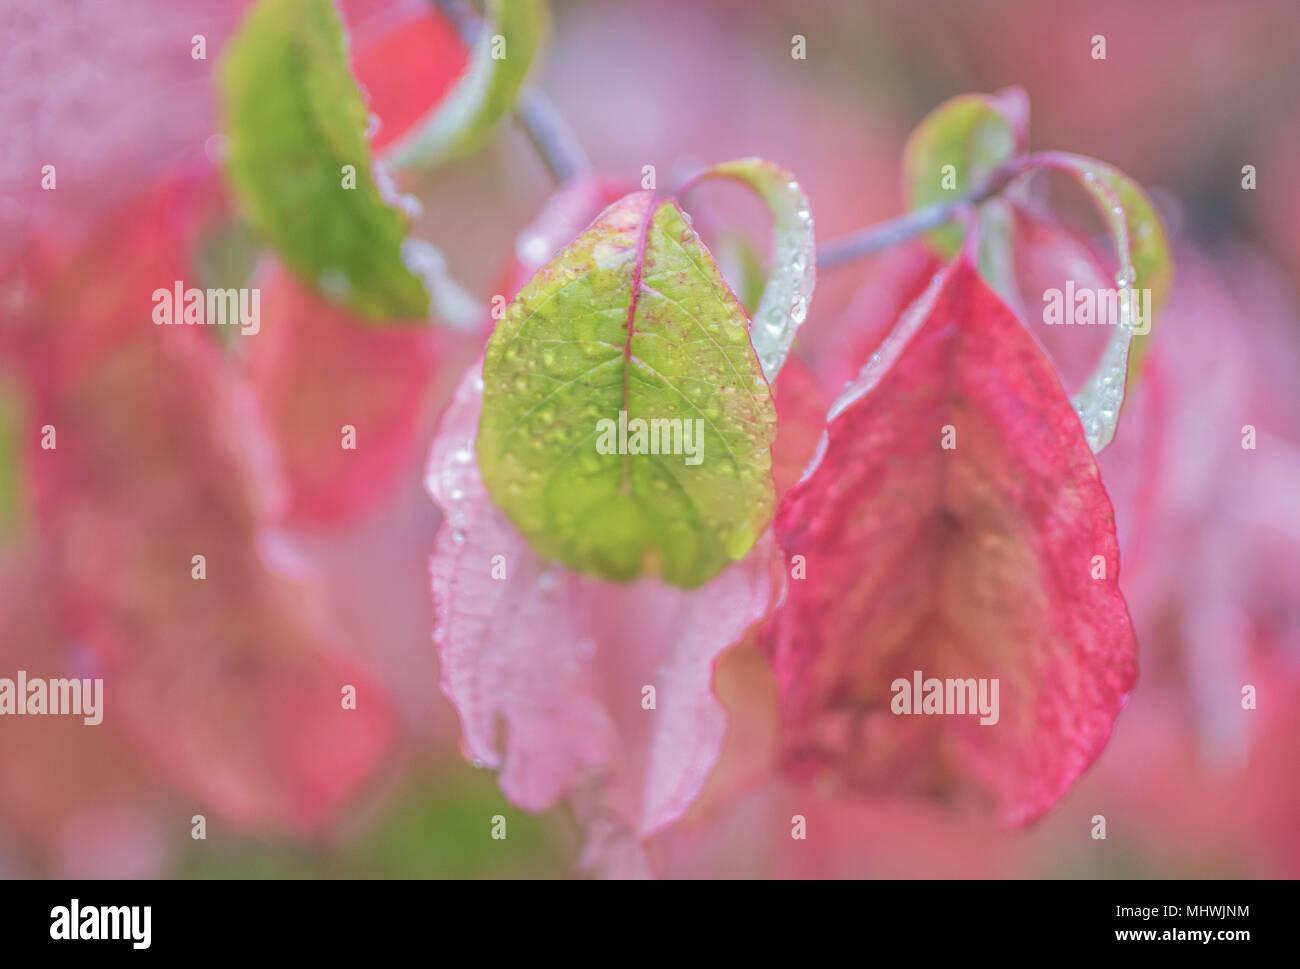 Breite Blende und Soft Focus auf rosa Blätter Stockbild